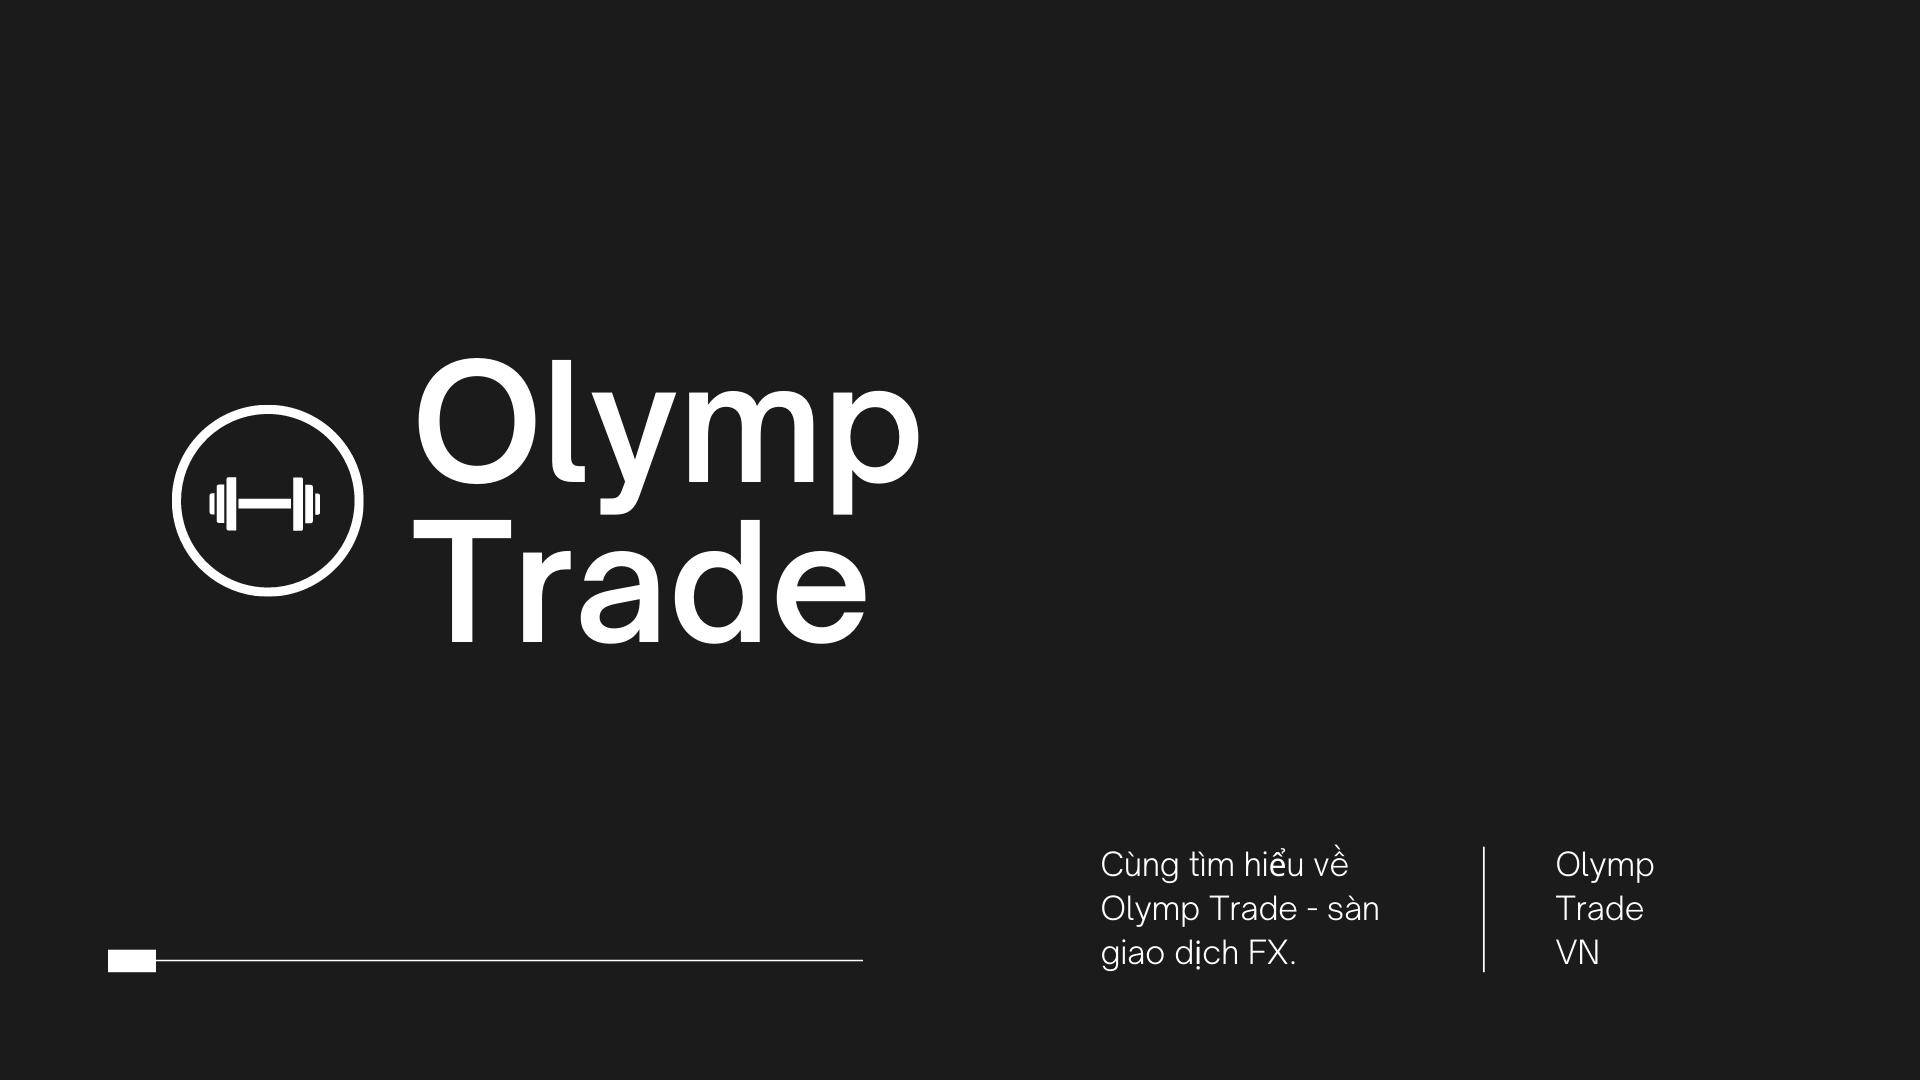 Sàn giao dịch Olymp Trade là lừa đảo?